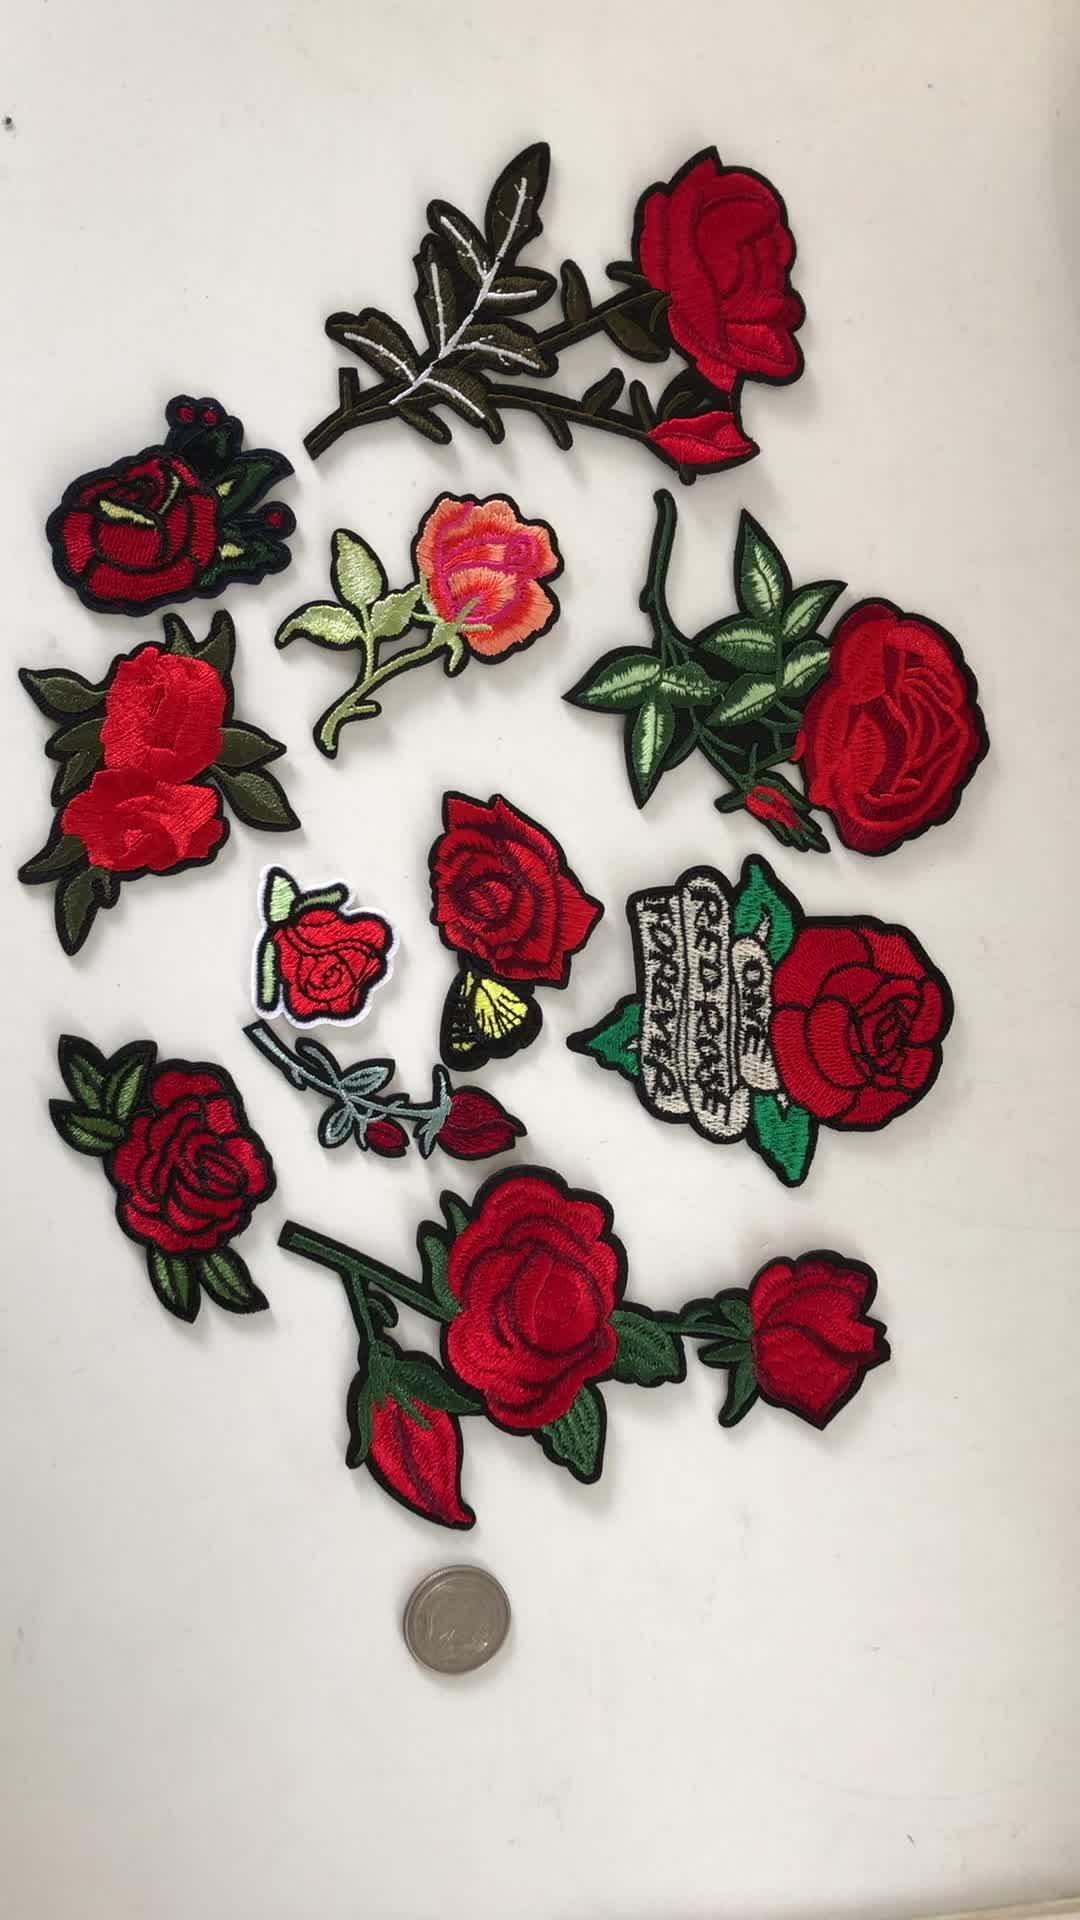 תיקוני רקמת אפליקצית צורת רוז פרח אדום שונים עבור בגדים